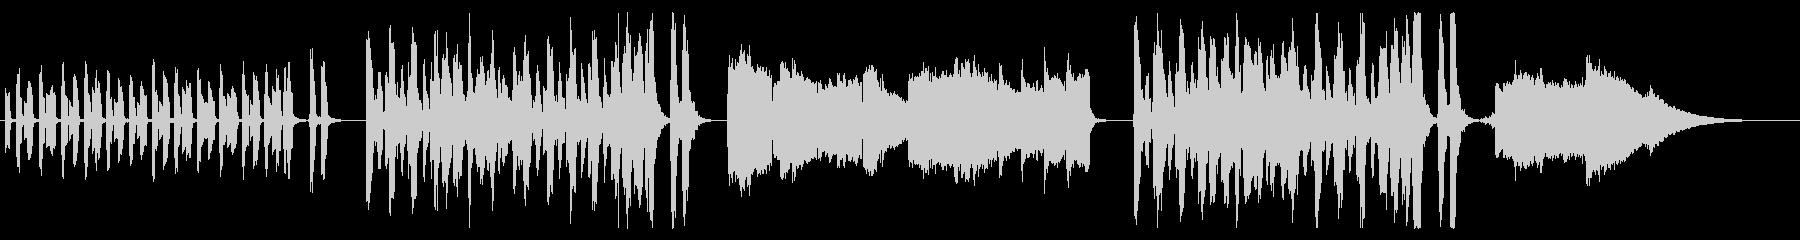 アンデス・エレピ鍵ハモ ほのぼのBGM の未再生の波形